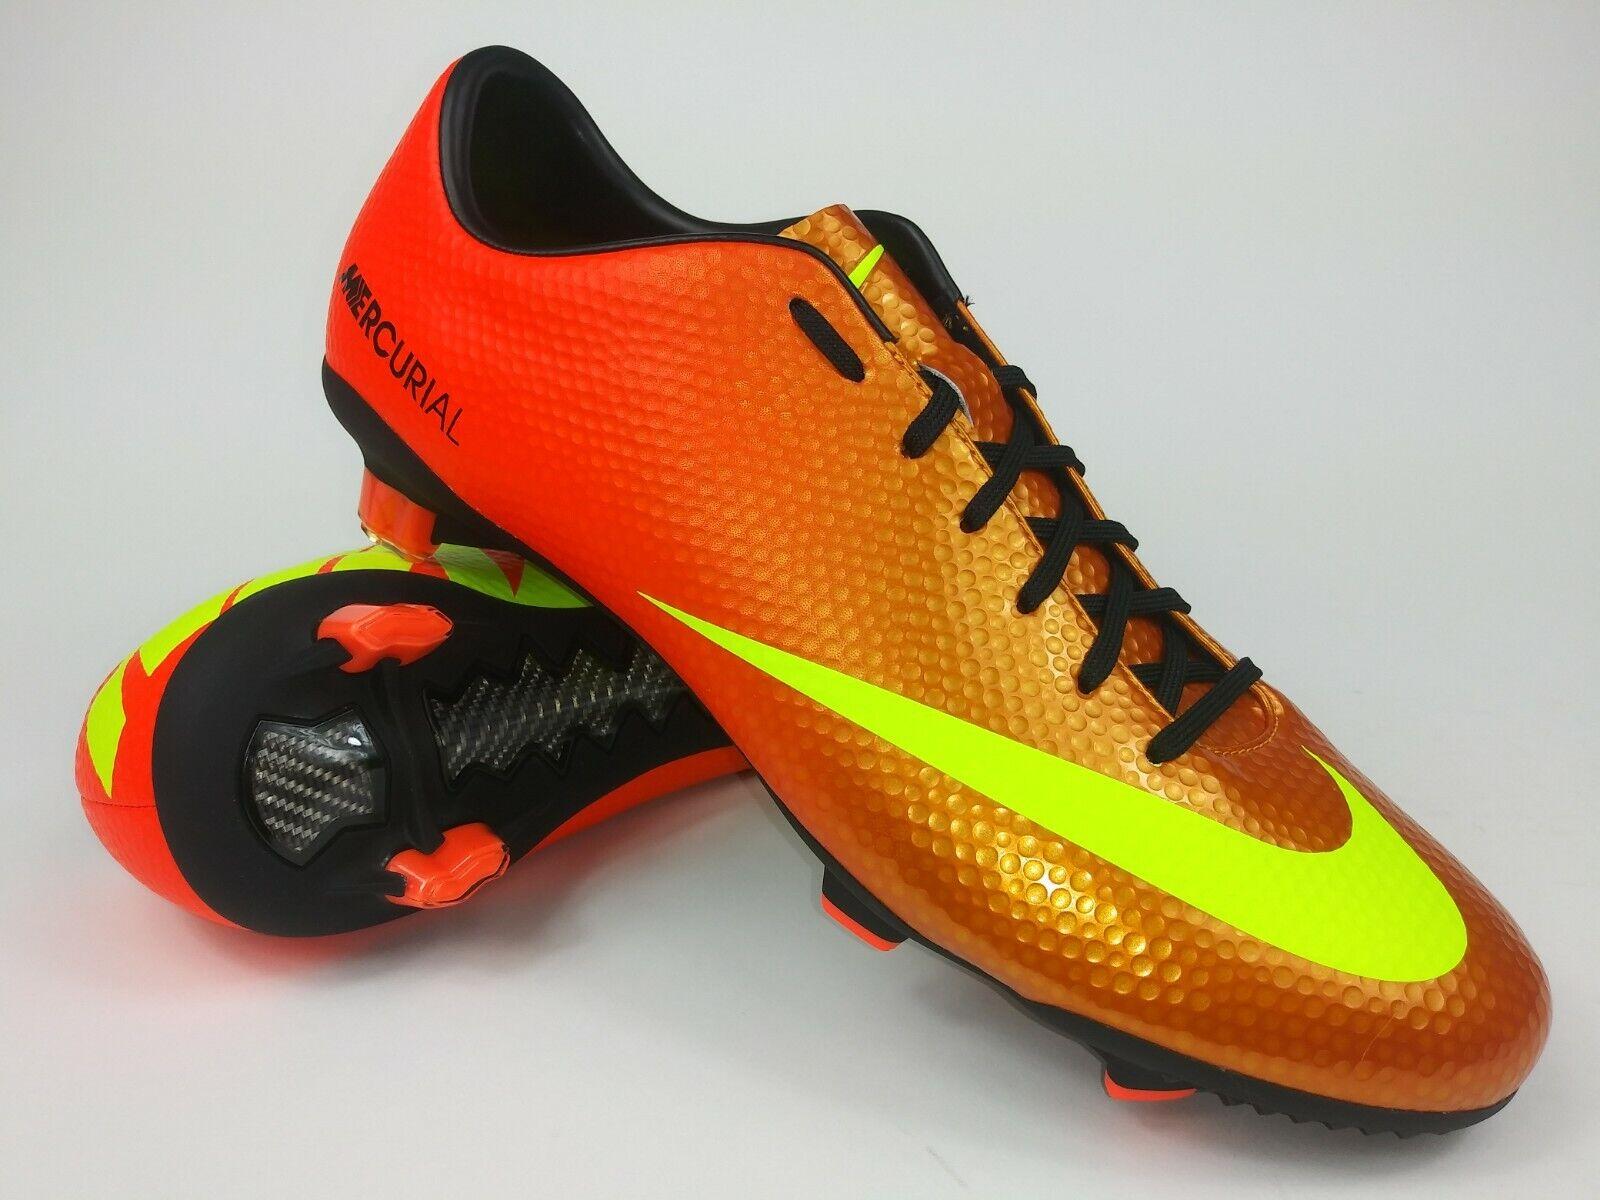 Nike Hombre Rareza Mercurial Veloce Fg 555447 778 Naranja Fútbol Tacos botas de